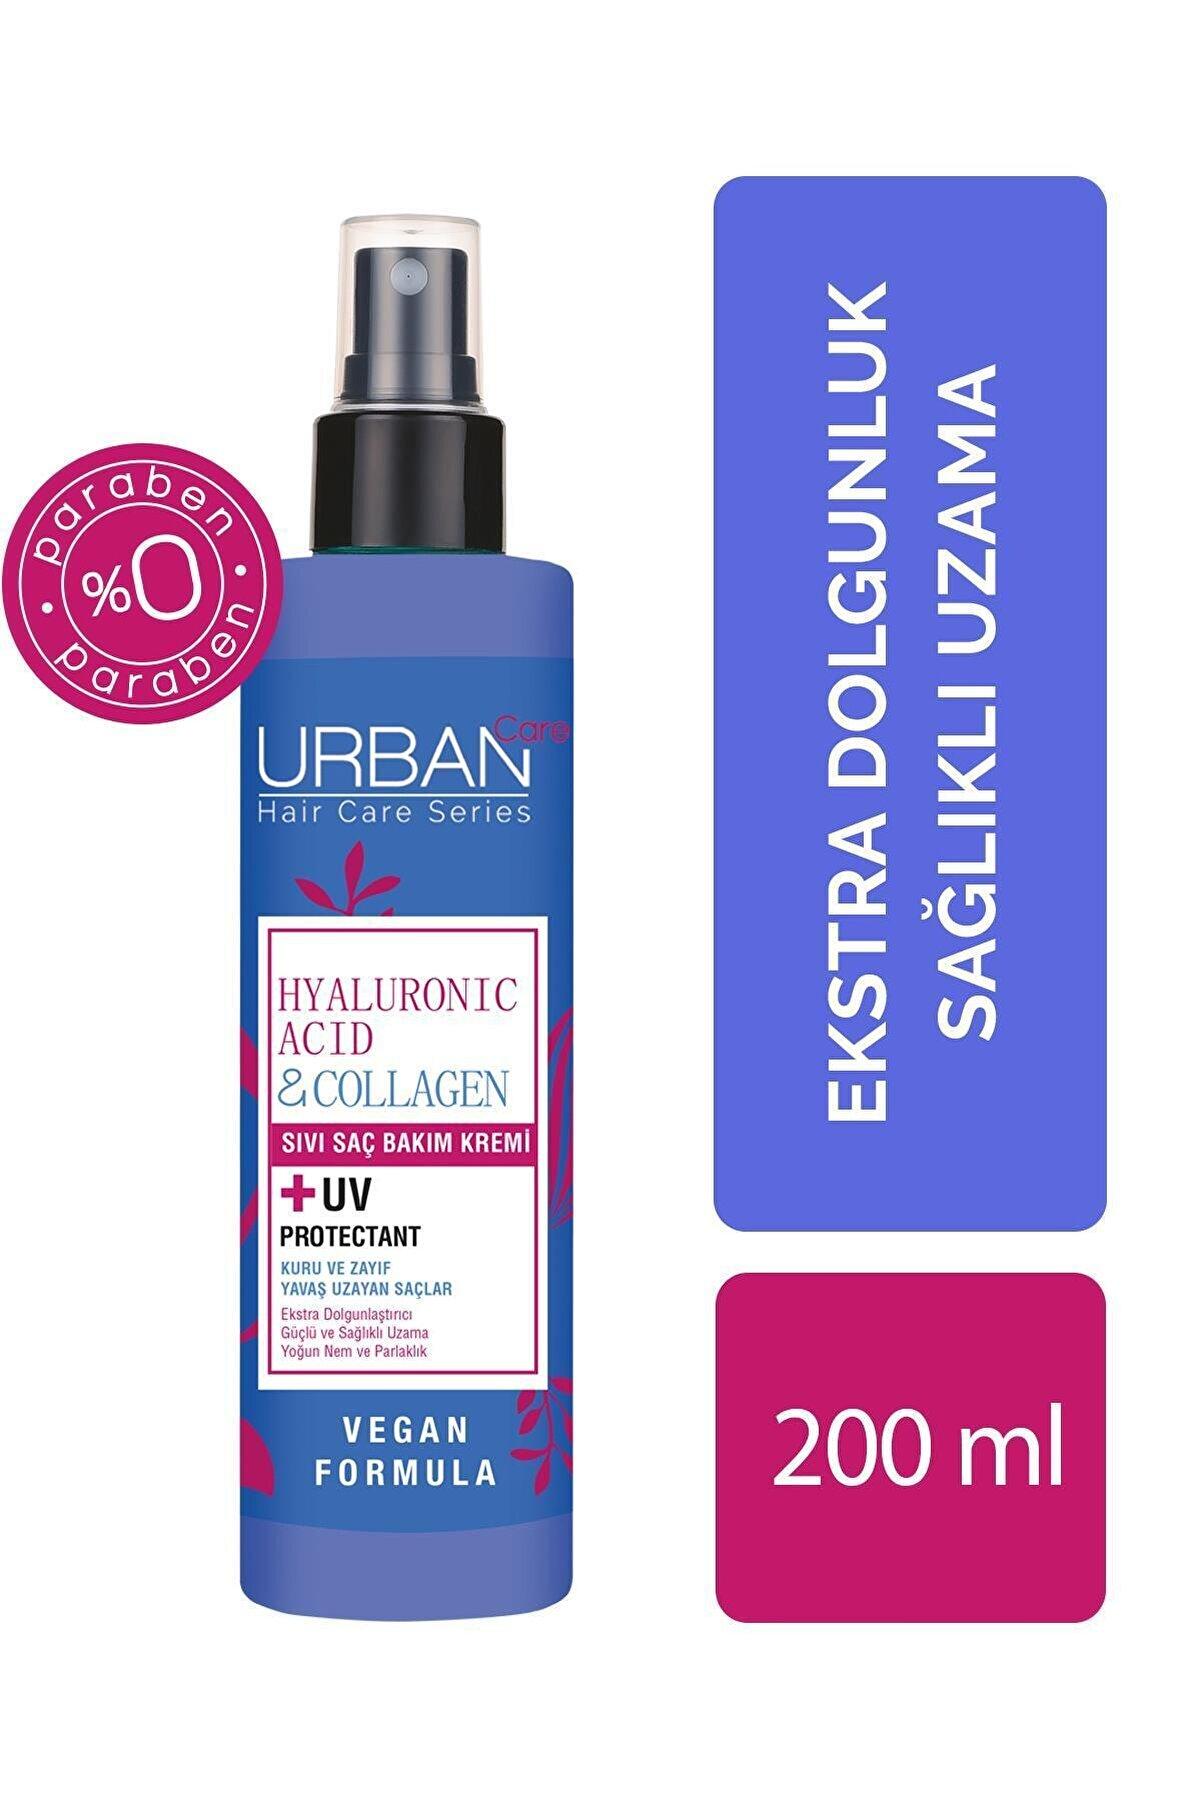 Urban Care Hyaluronic Acid & Collagen Sıvı Saç Bakım Kremi / Hyalüronik Asit Hyalüronik Asit